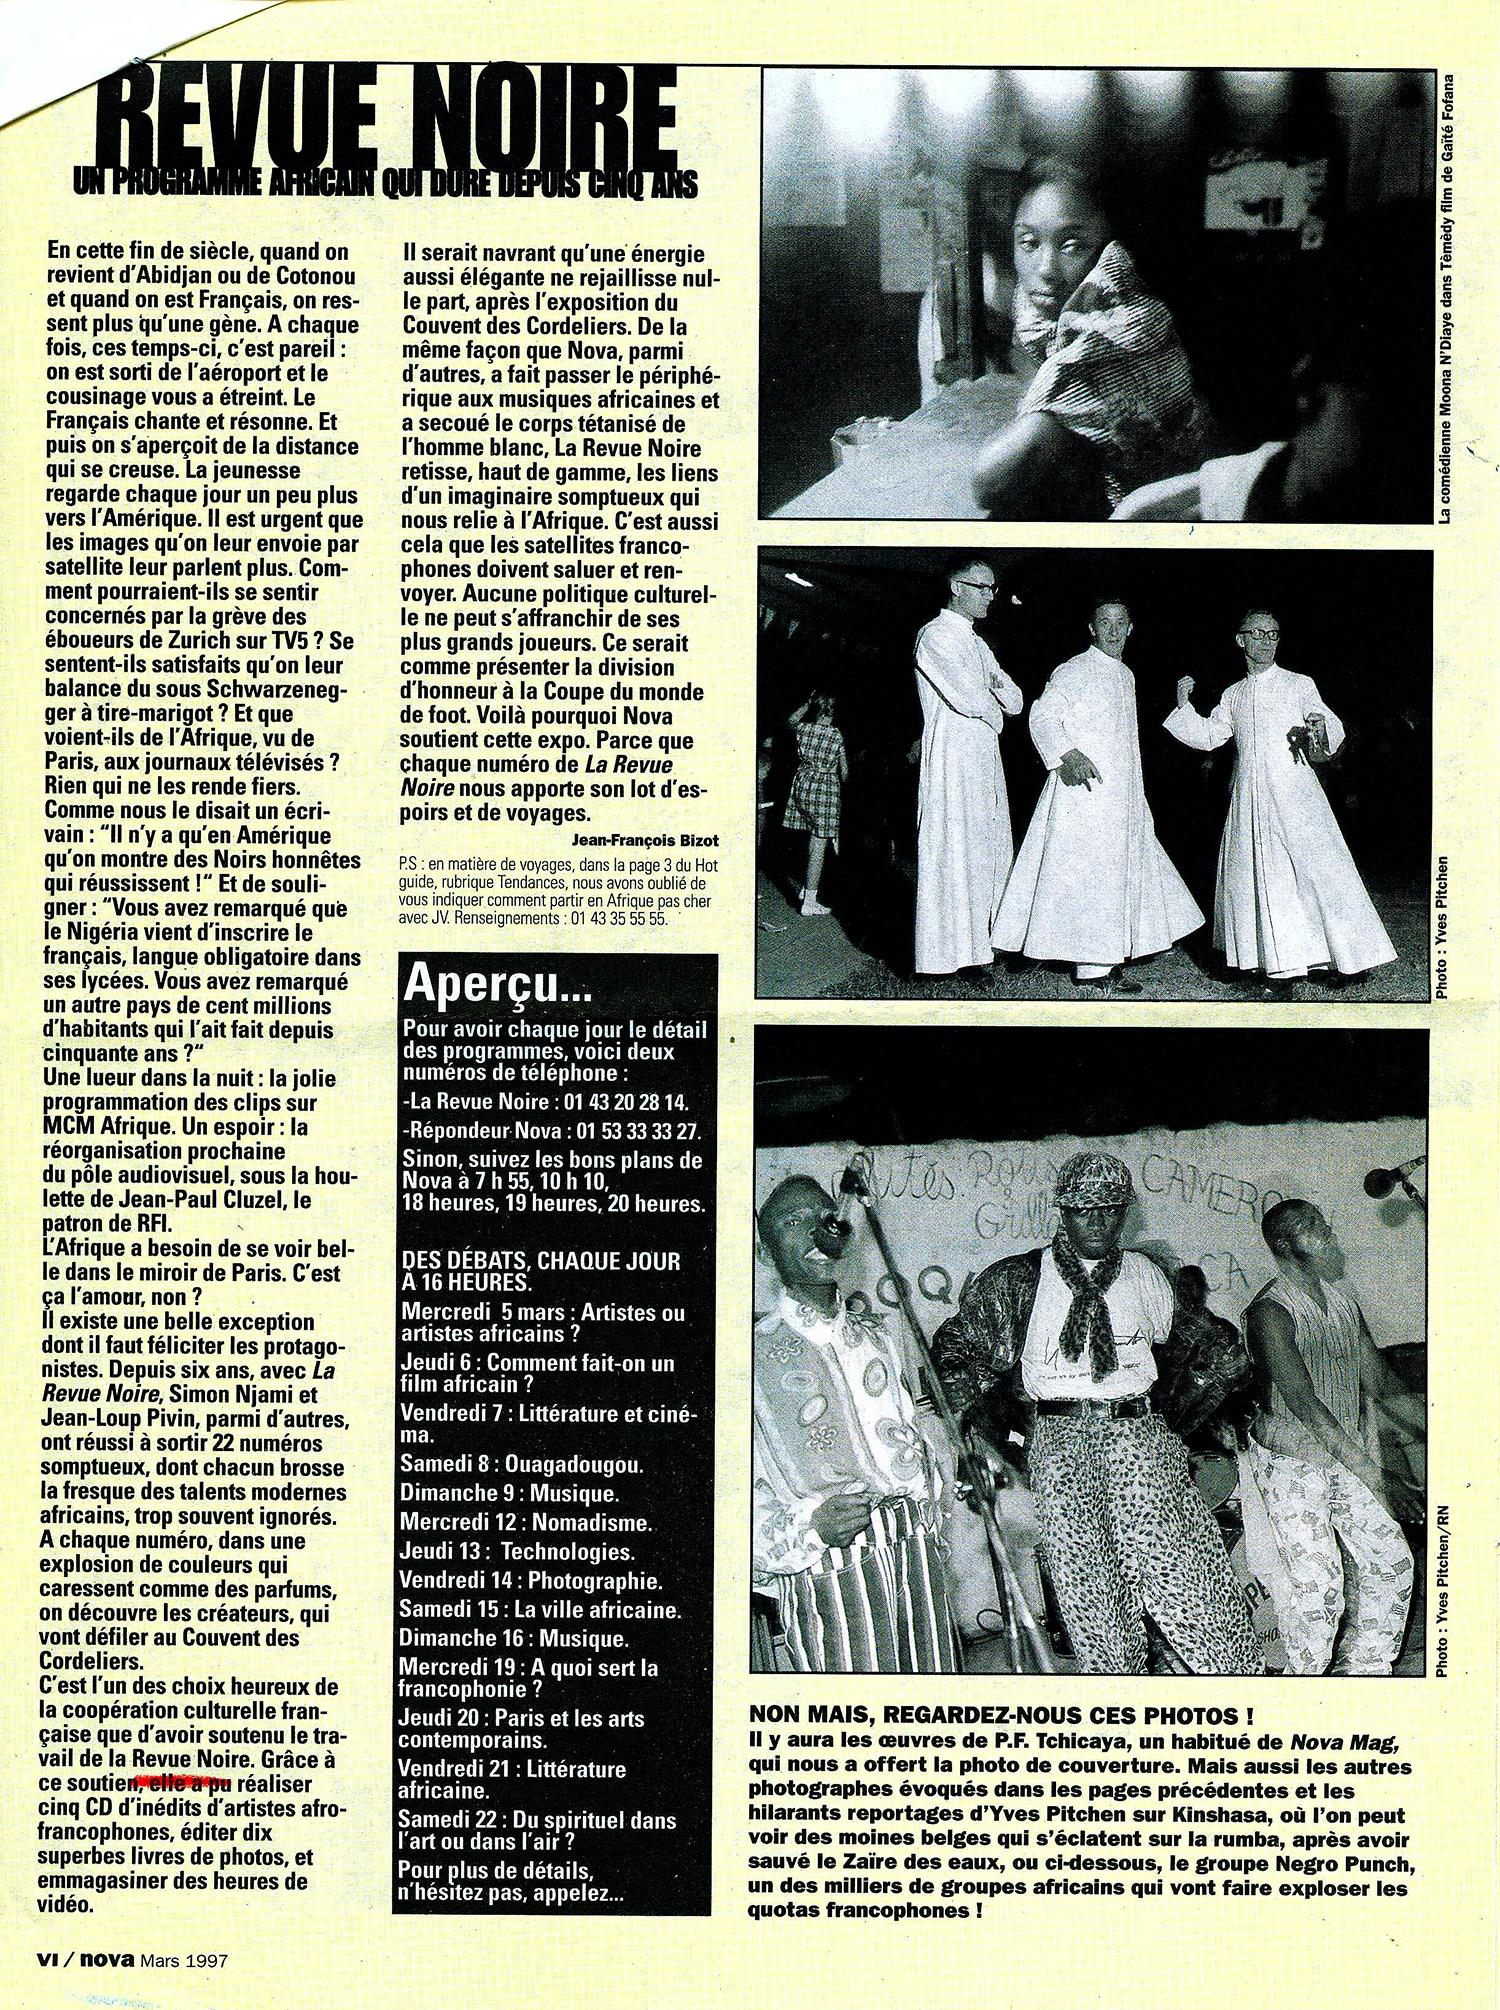 REVUE NOIRE revue de presse: mars 1997 par Jean-François Bizot. Revure Noire un programme qui dure depuis 5 ans.